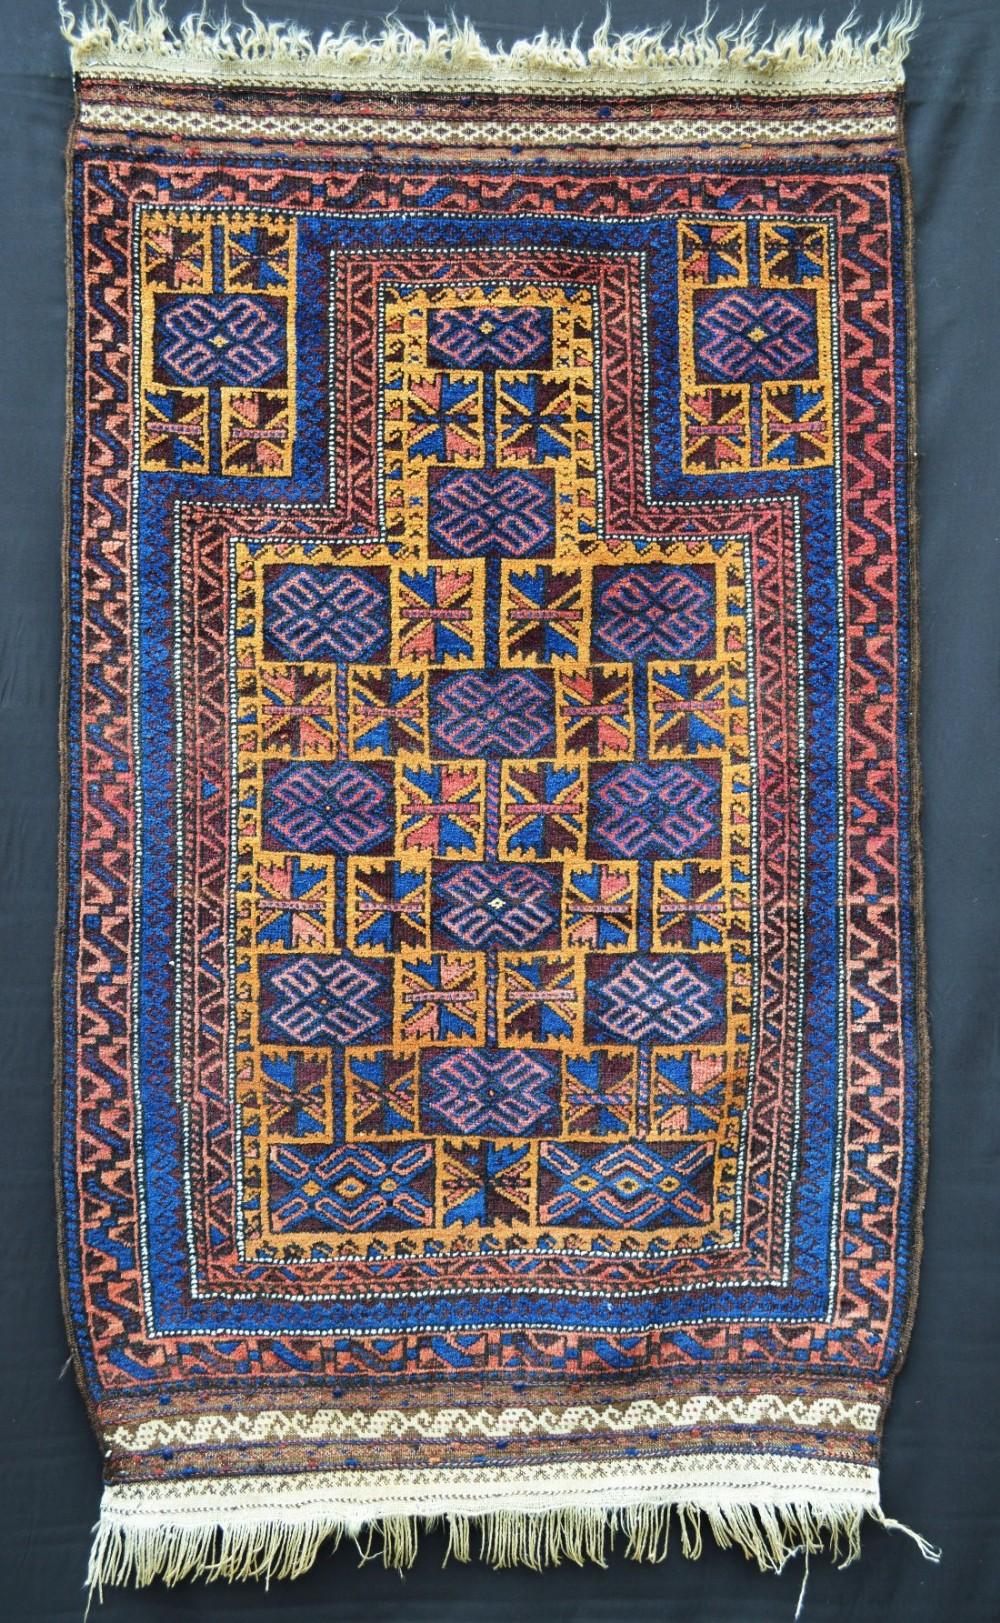 antique prayerrug timuri yaqoub khani tribe western afghanistan